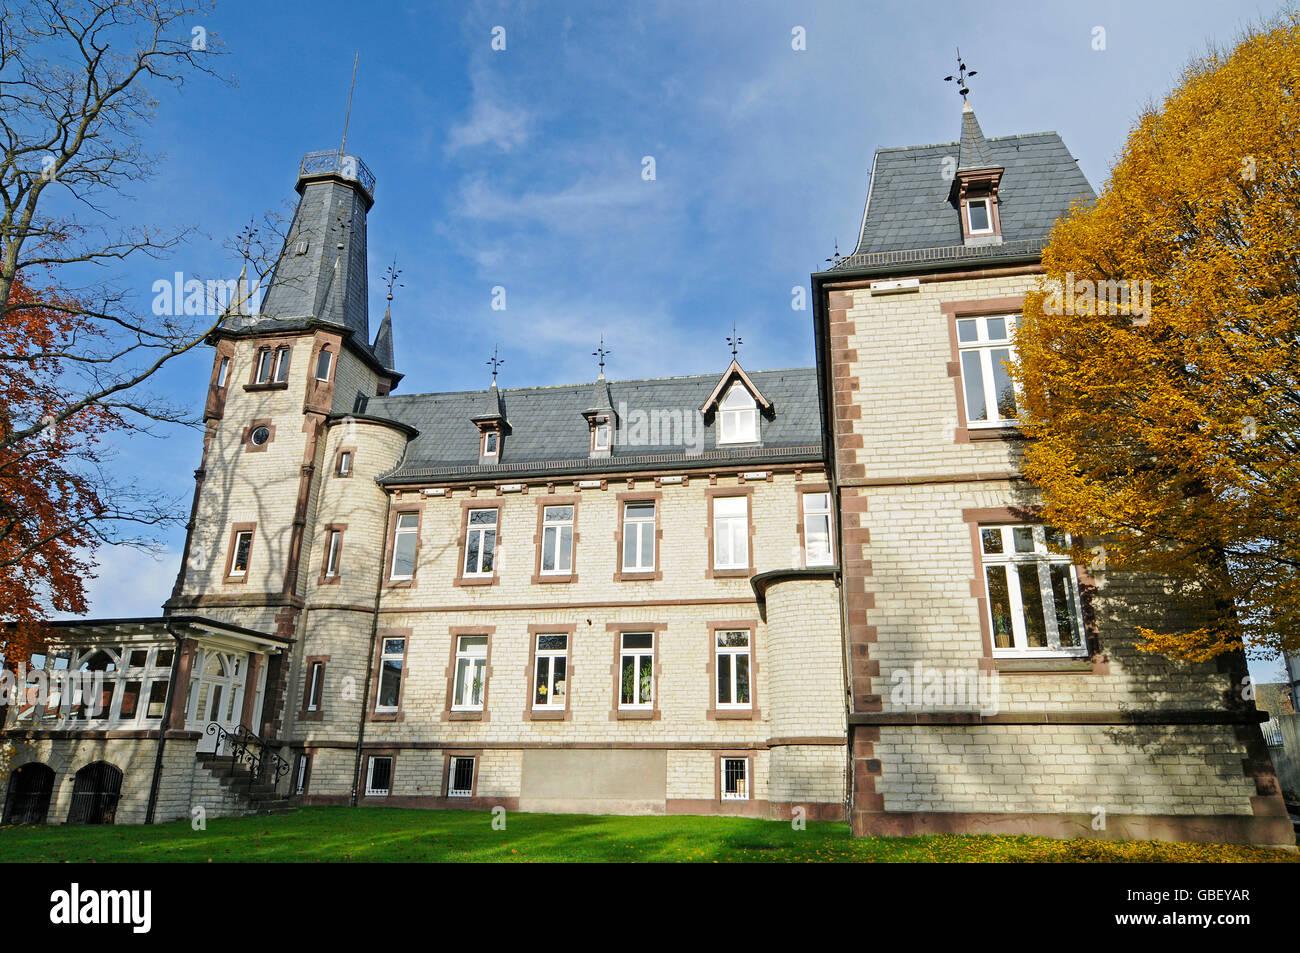 Il benessere della gioventù ufficio, edificio amministrativo, Beckum, Munsterland regione Renania settentrionale Immagini Stock